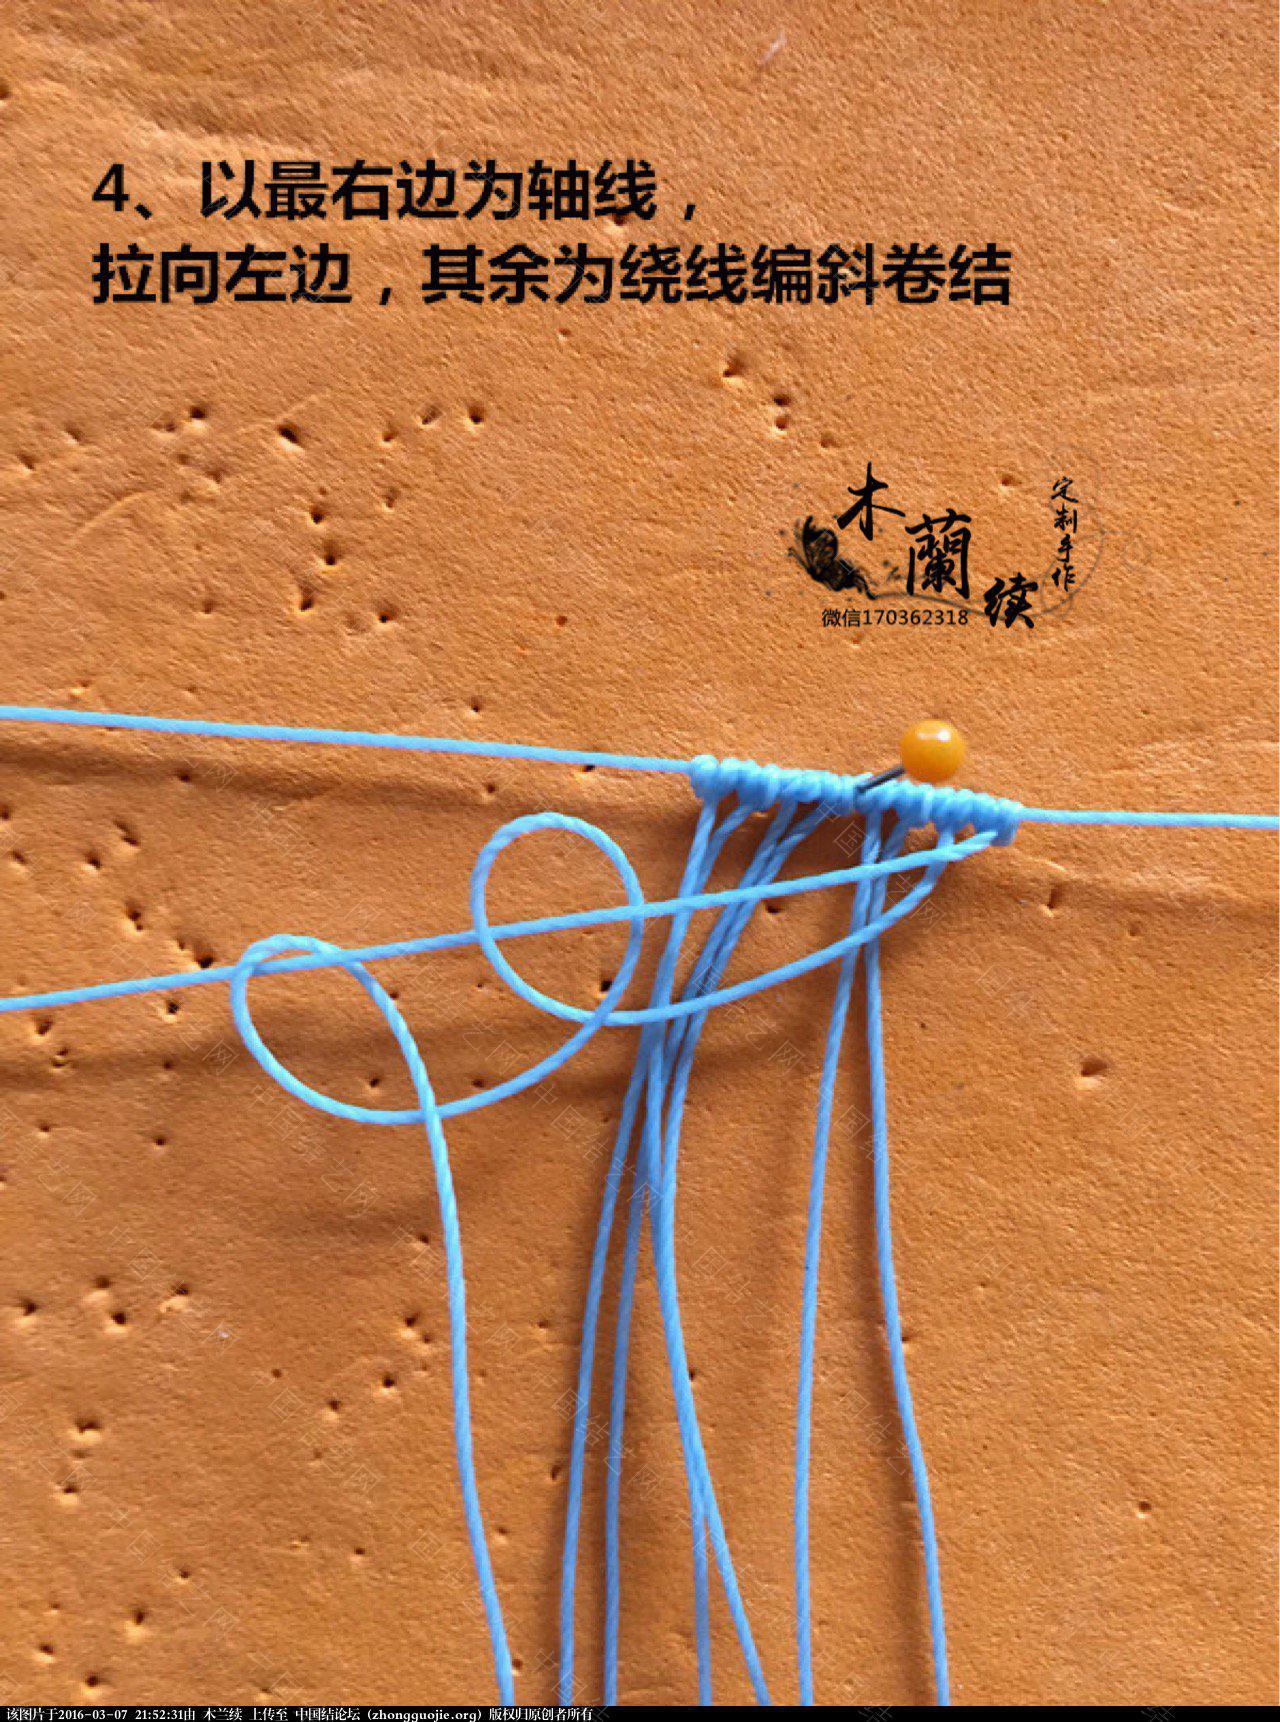 中国结论坛 【木兰续】萌萌的海星挂件! 木兰 图文教程区 214825sdp3boq13do2drqr